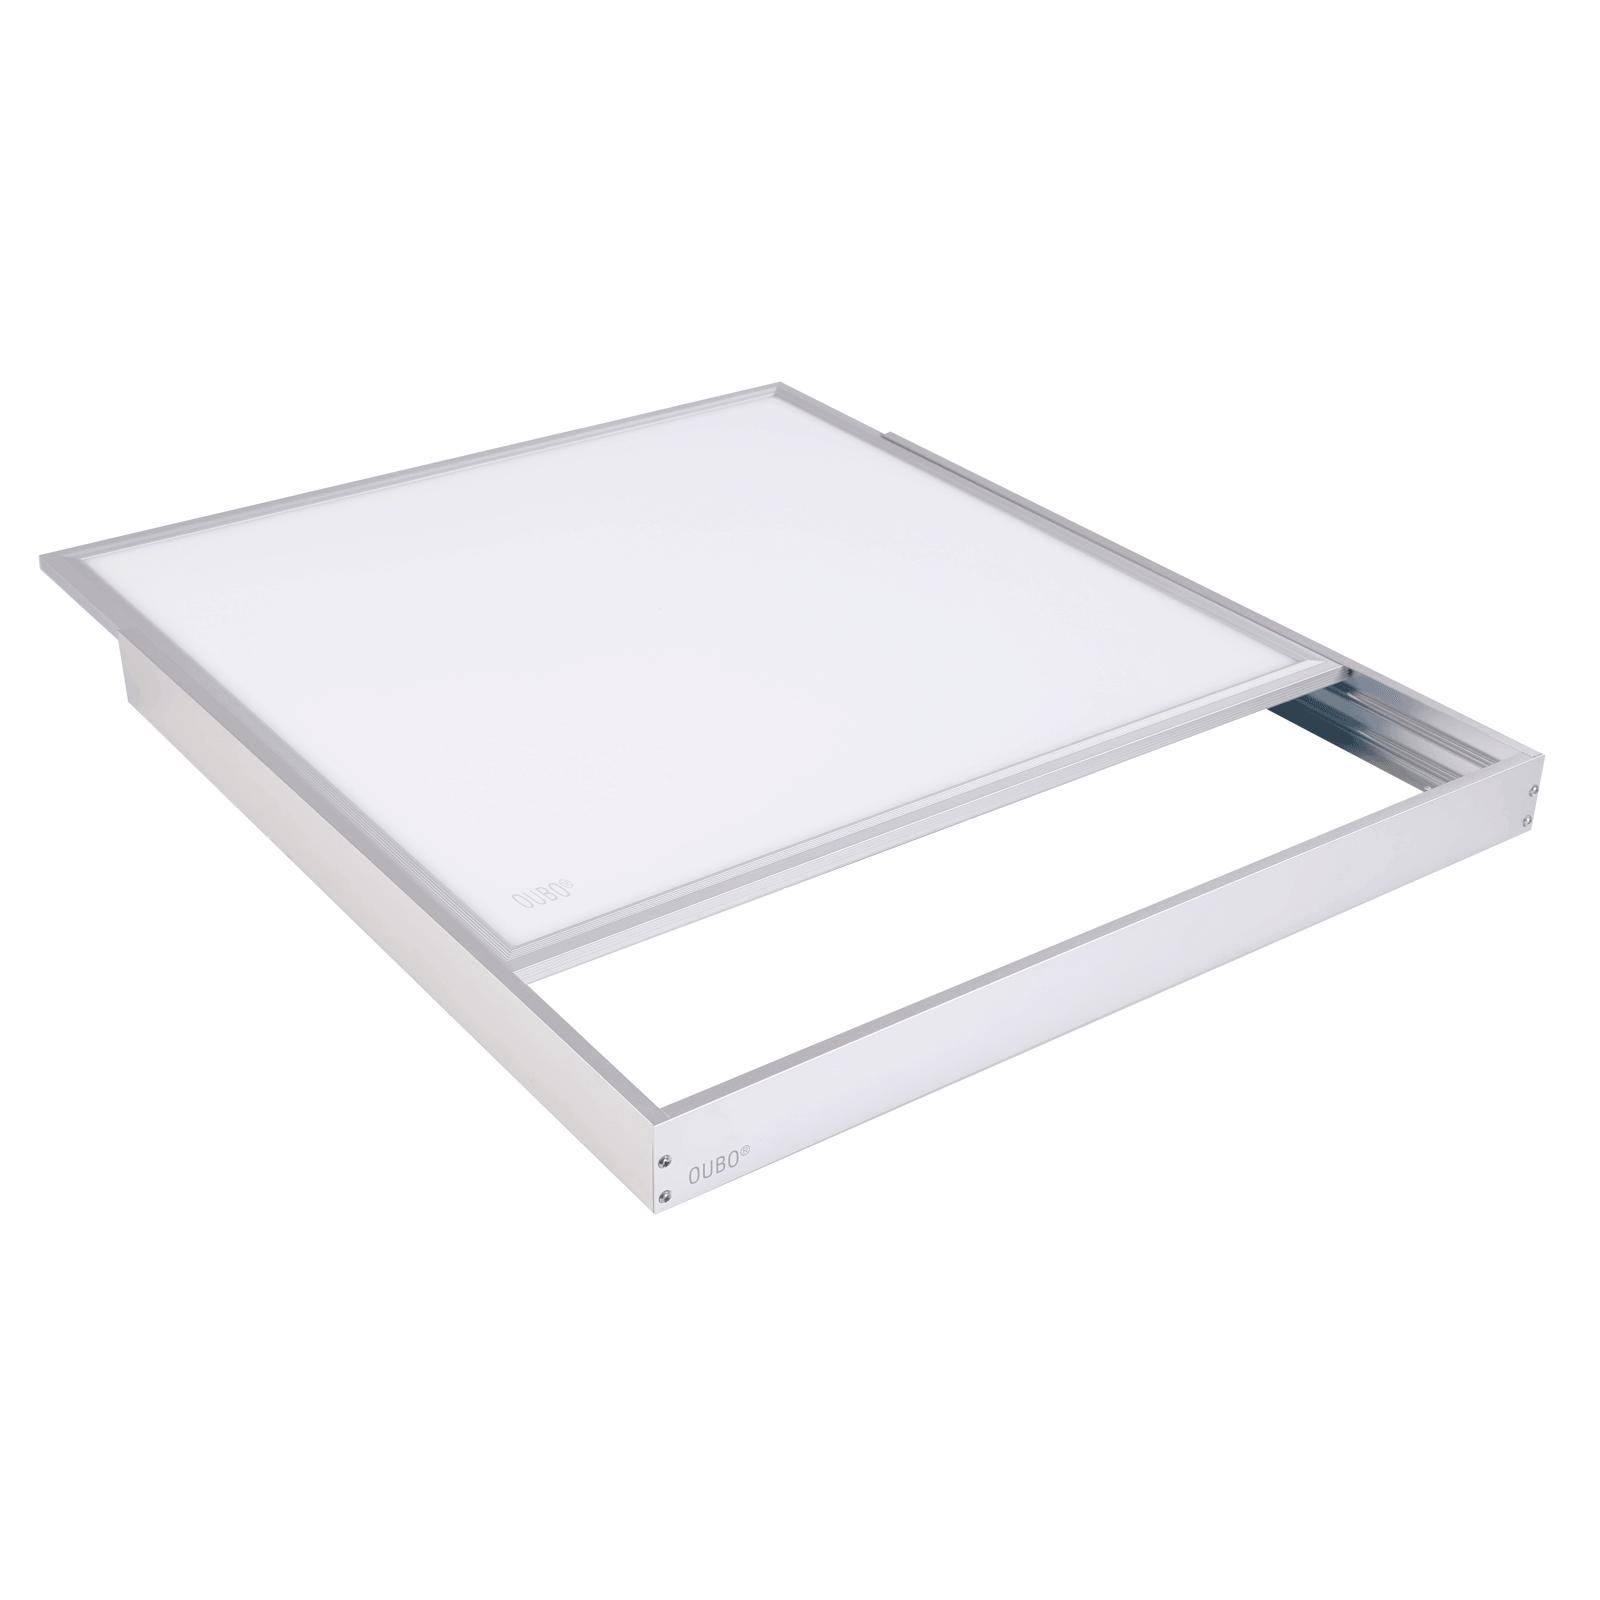 Aufputzrahmen Für OUBO Ultraslim LED Panel 30   120cm Zubehör